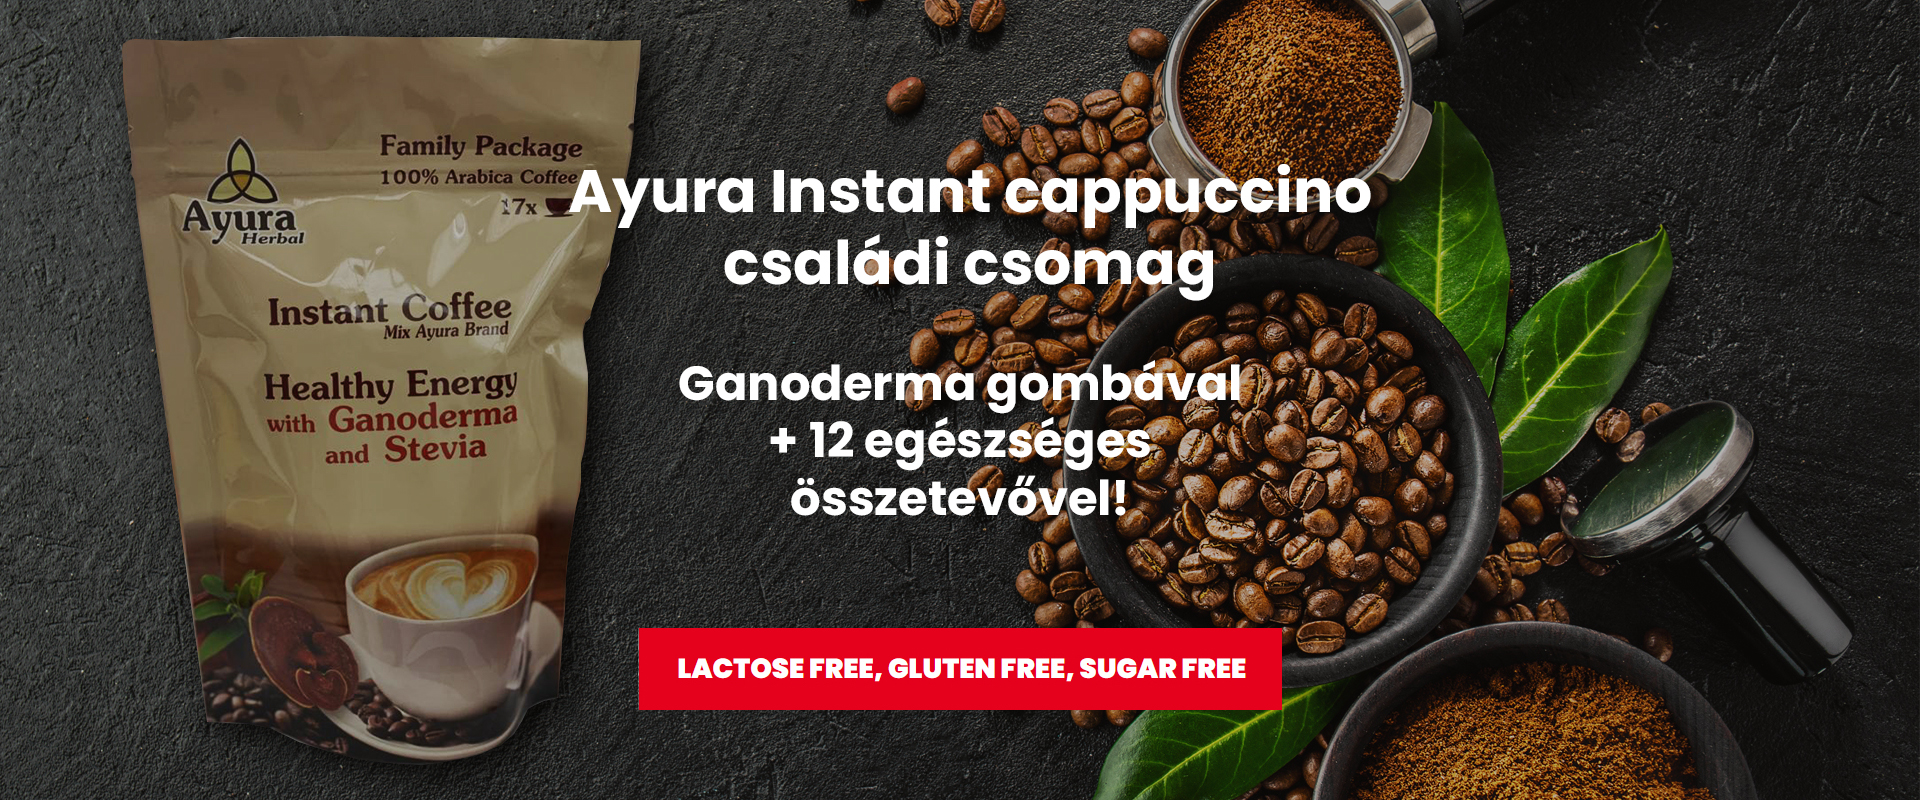 Ayura Cappuccino Családi csomagok